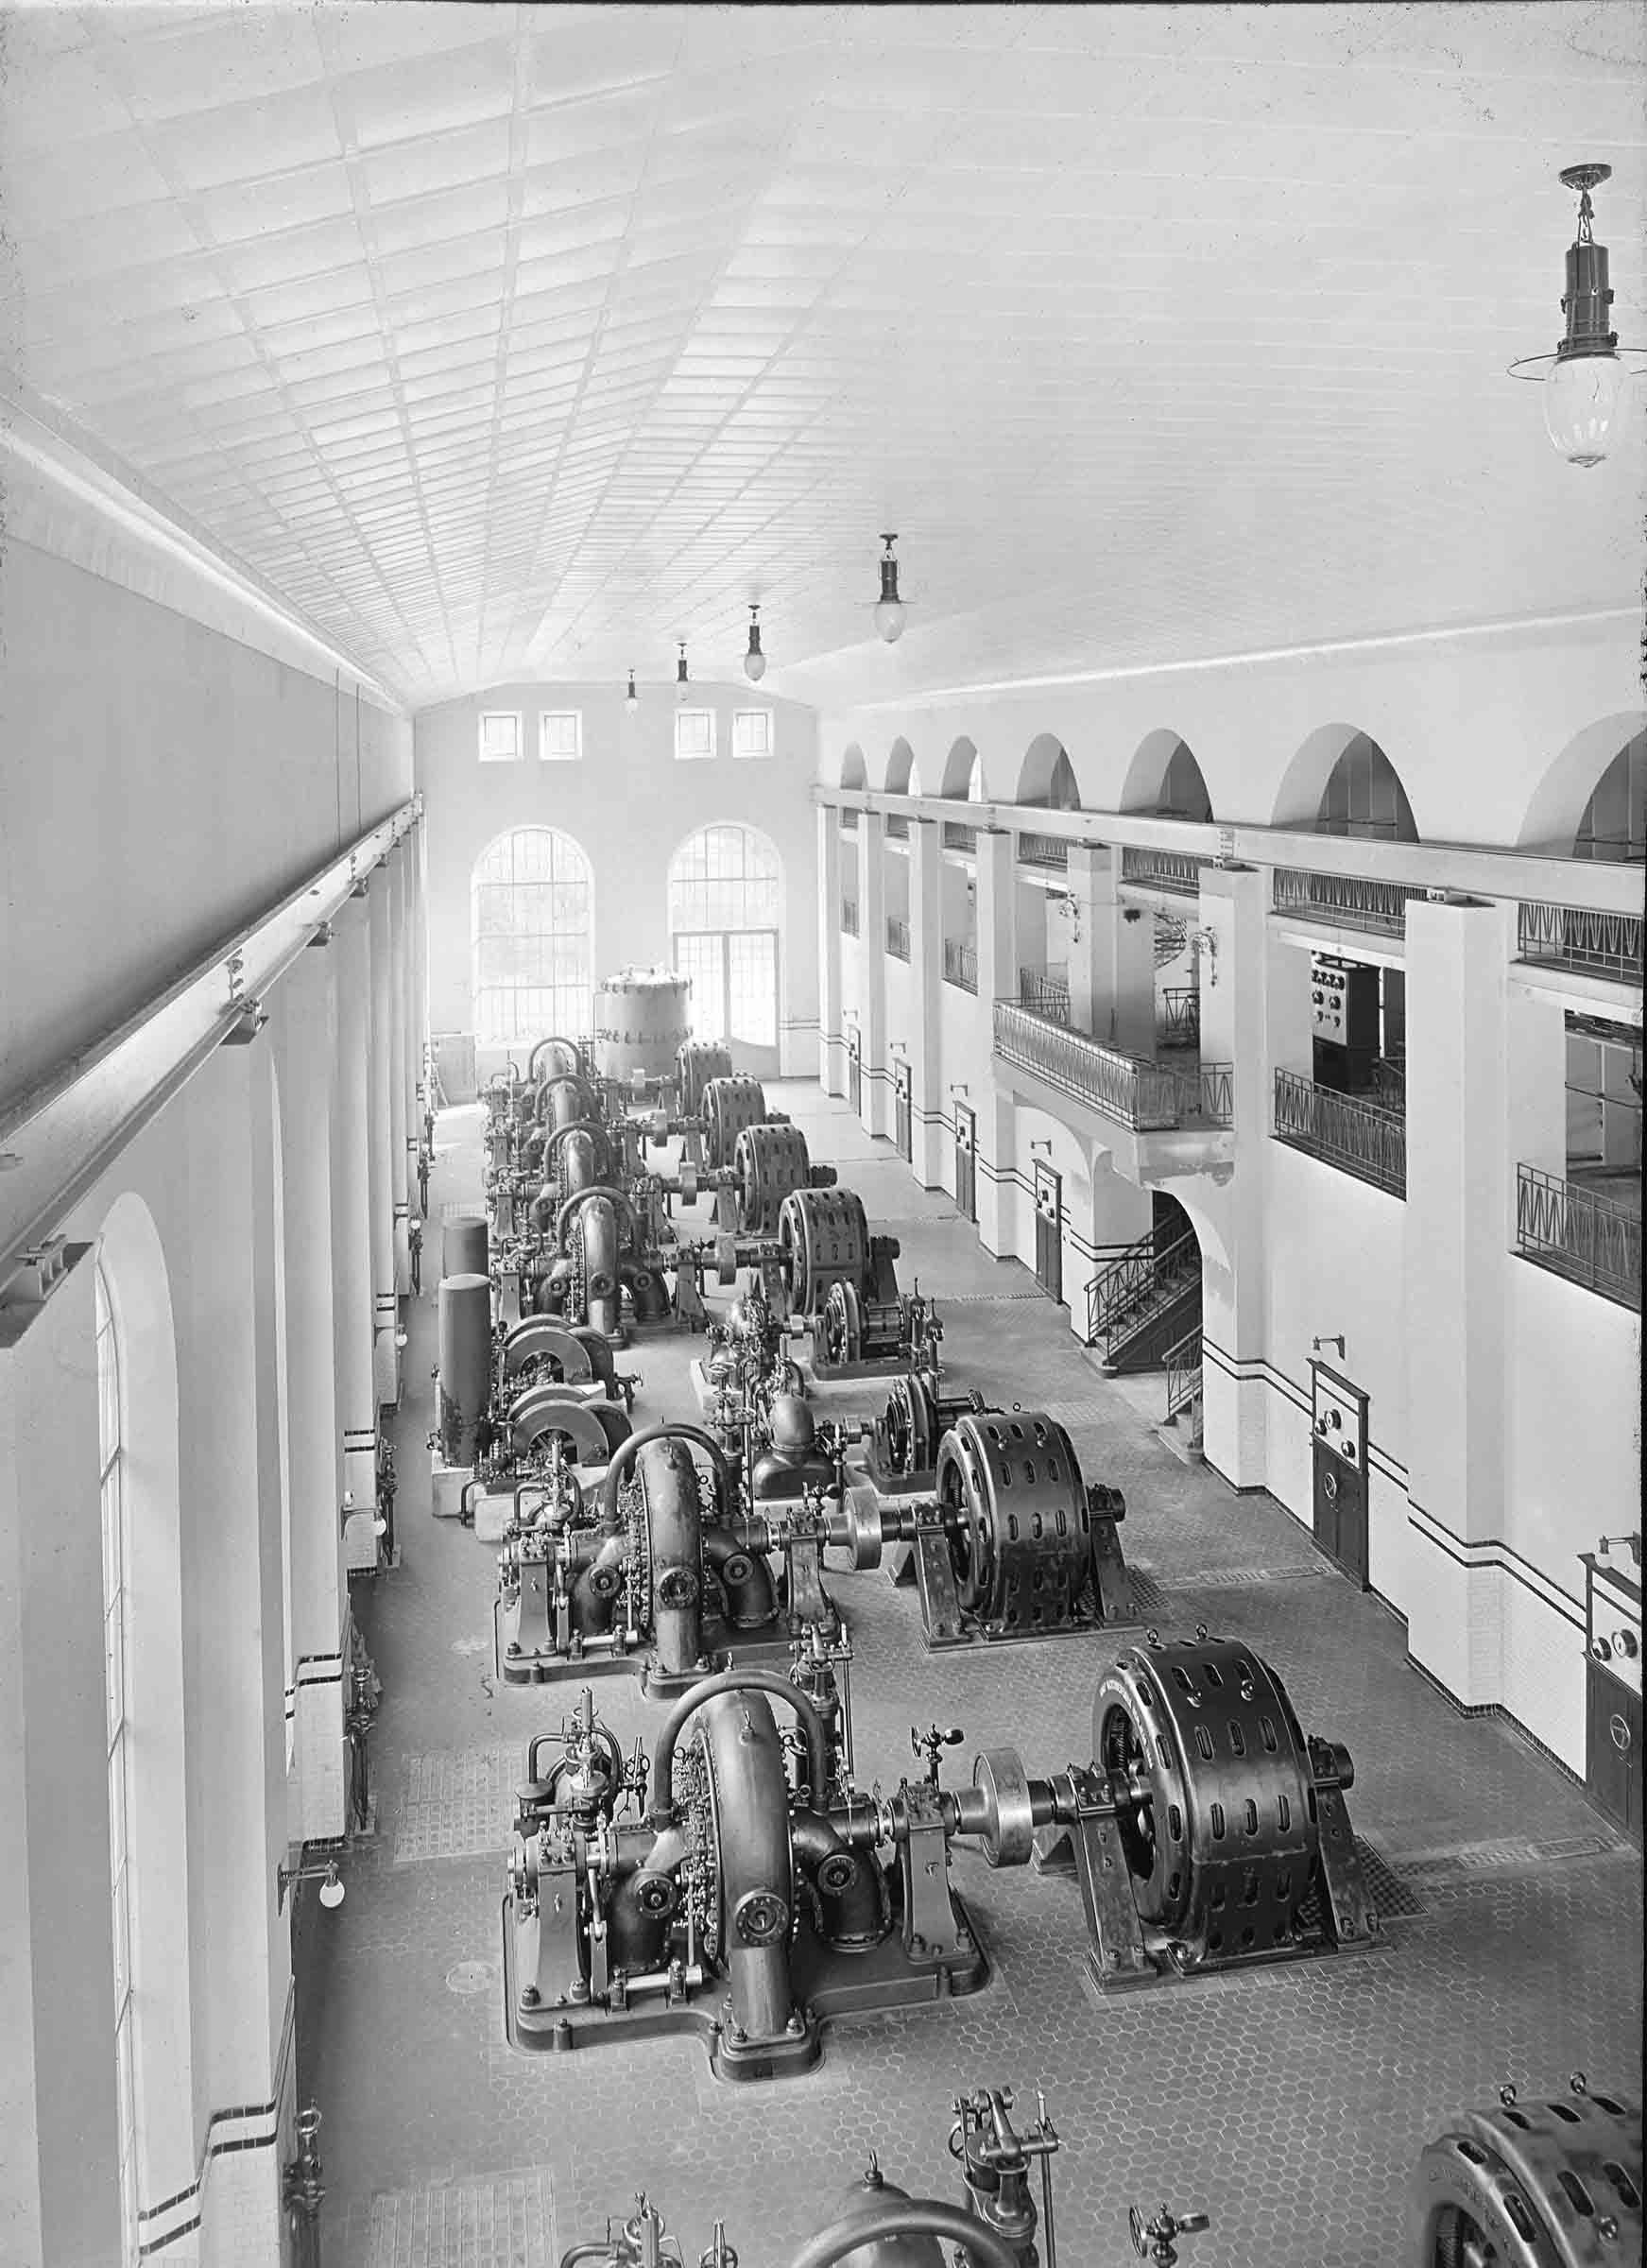 Maschinenhaus Sils mit Francisturbinen und Generatoren um 1910